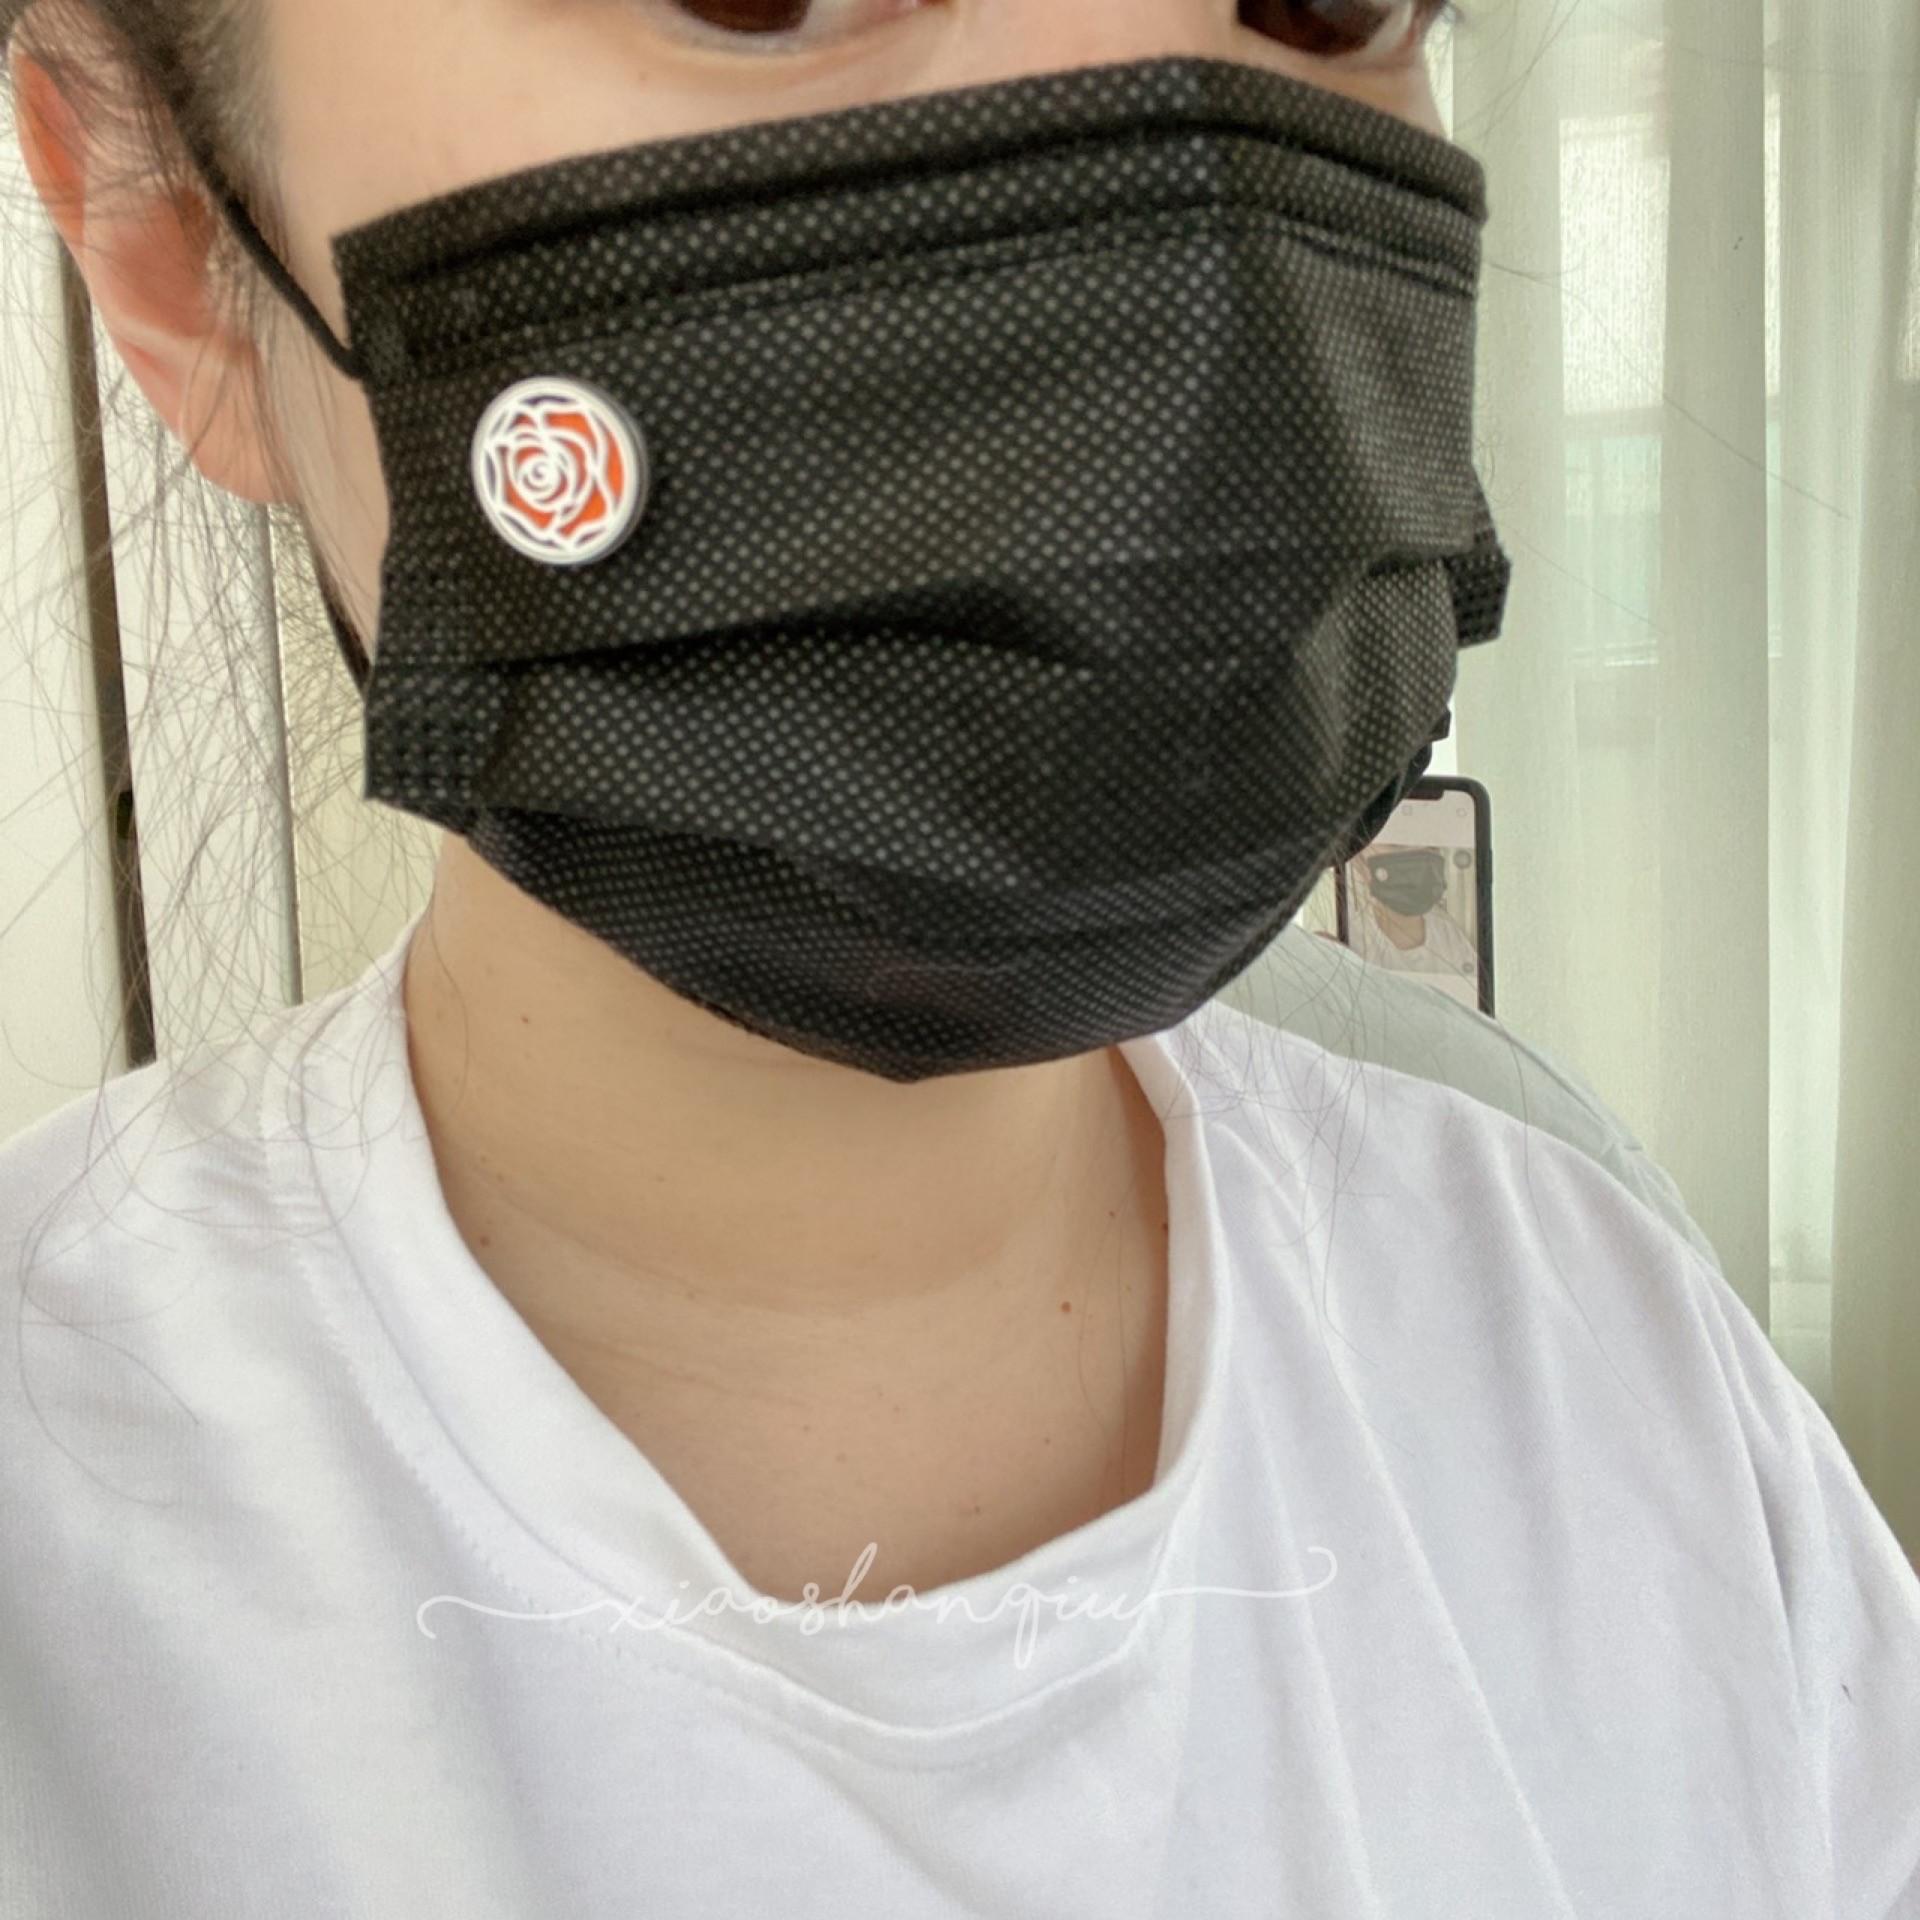 造型鈦鋼口罩薰香扣組「開幕限定買1組再送1組補充棉片」